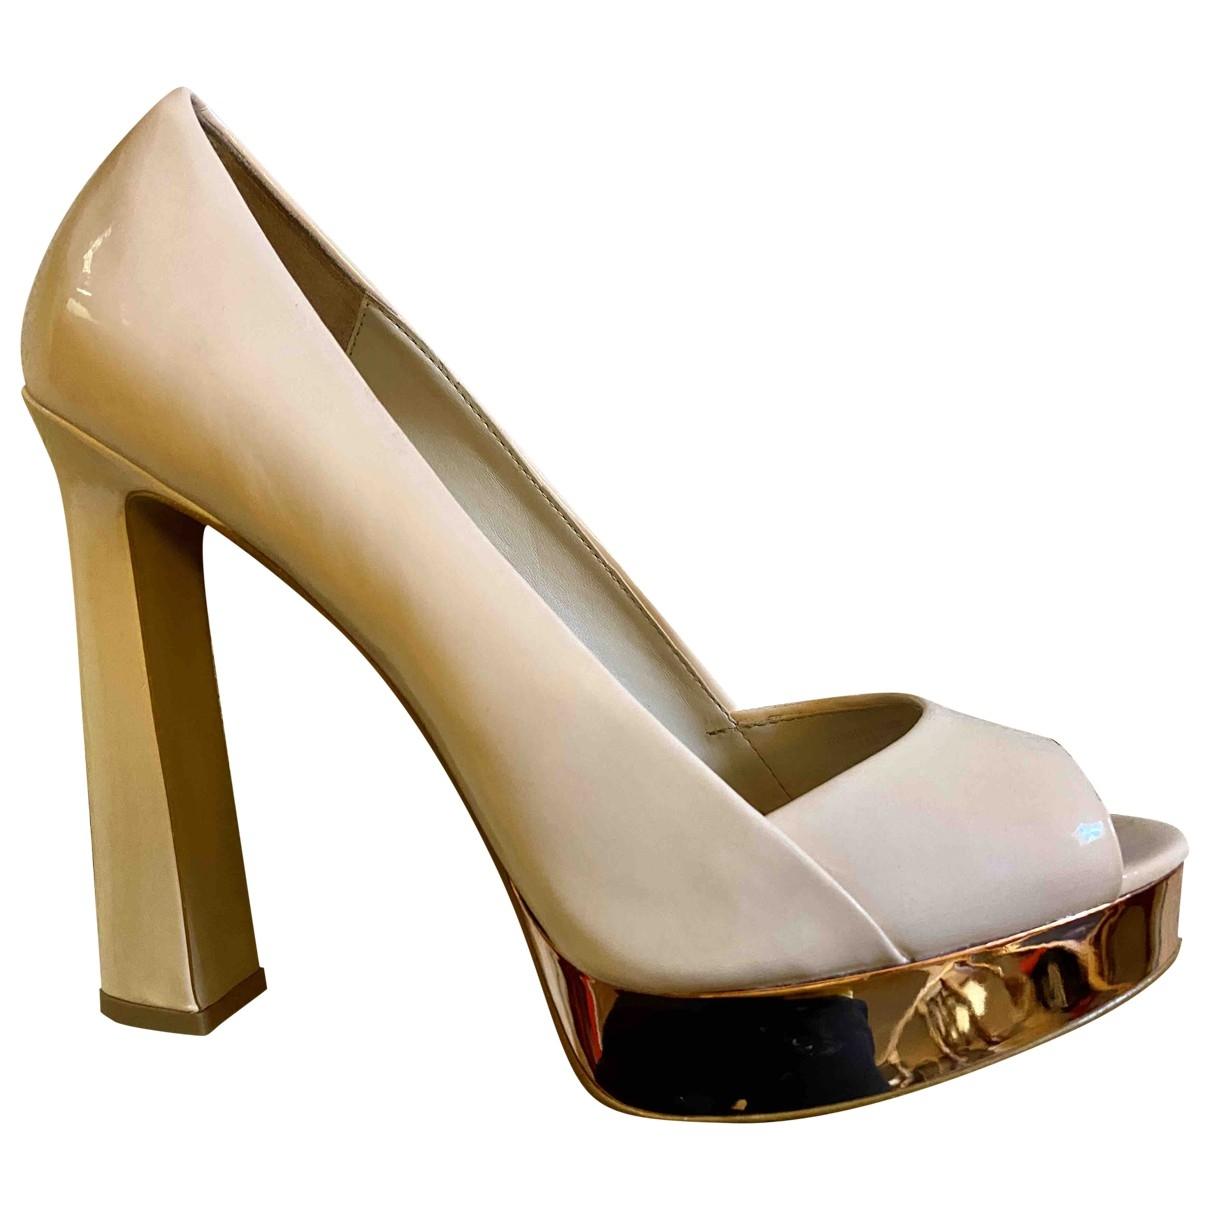 Zara \N Beige Patent leather Heels for Women 40 EU